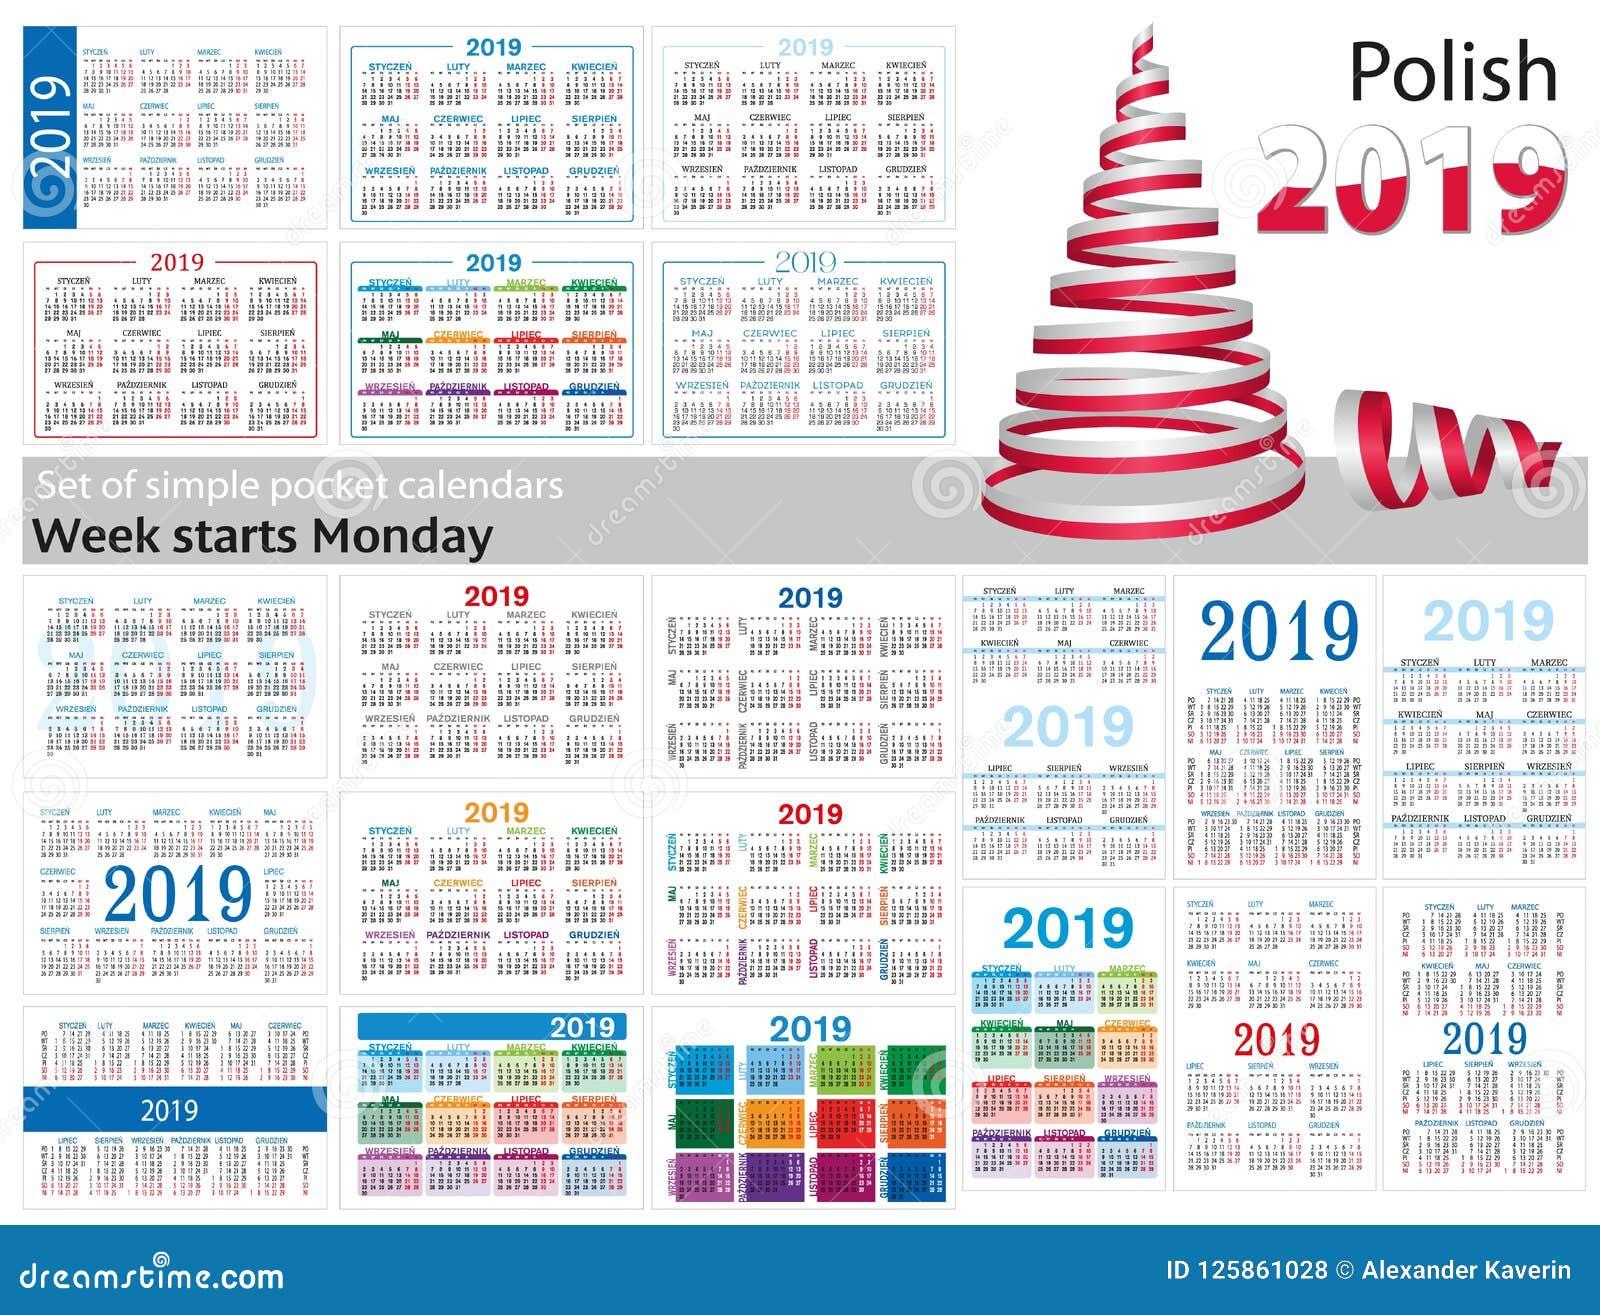 Ensemble de calendriers simples de poche pour 2019 deux mille dix-neuf La semaine commence lundi Traduction de polonais -